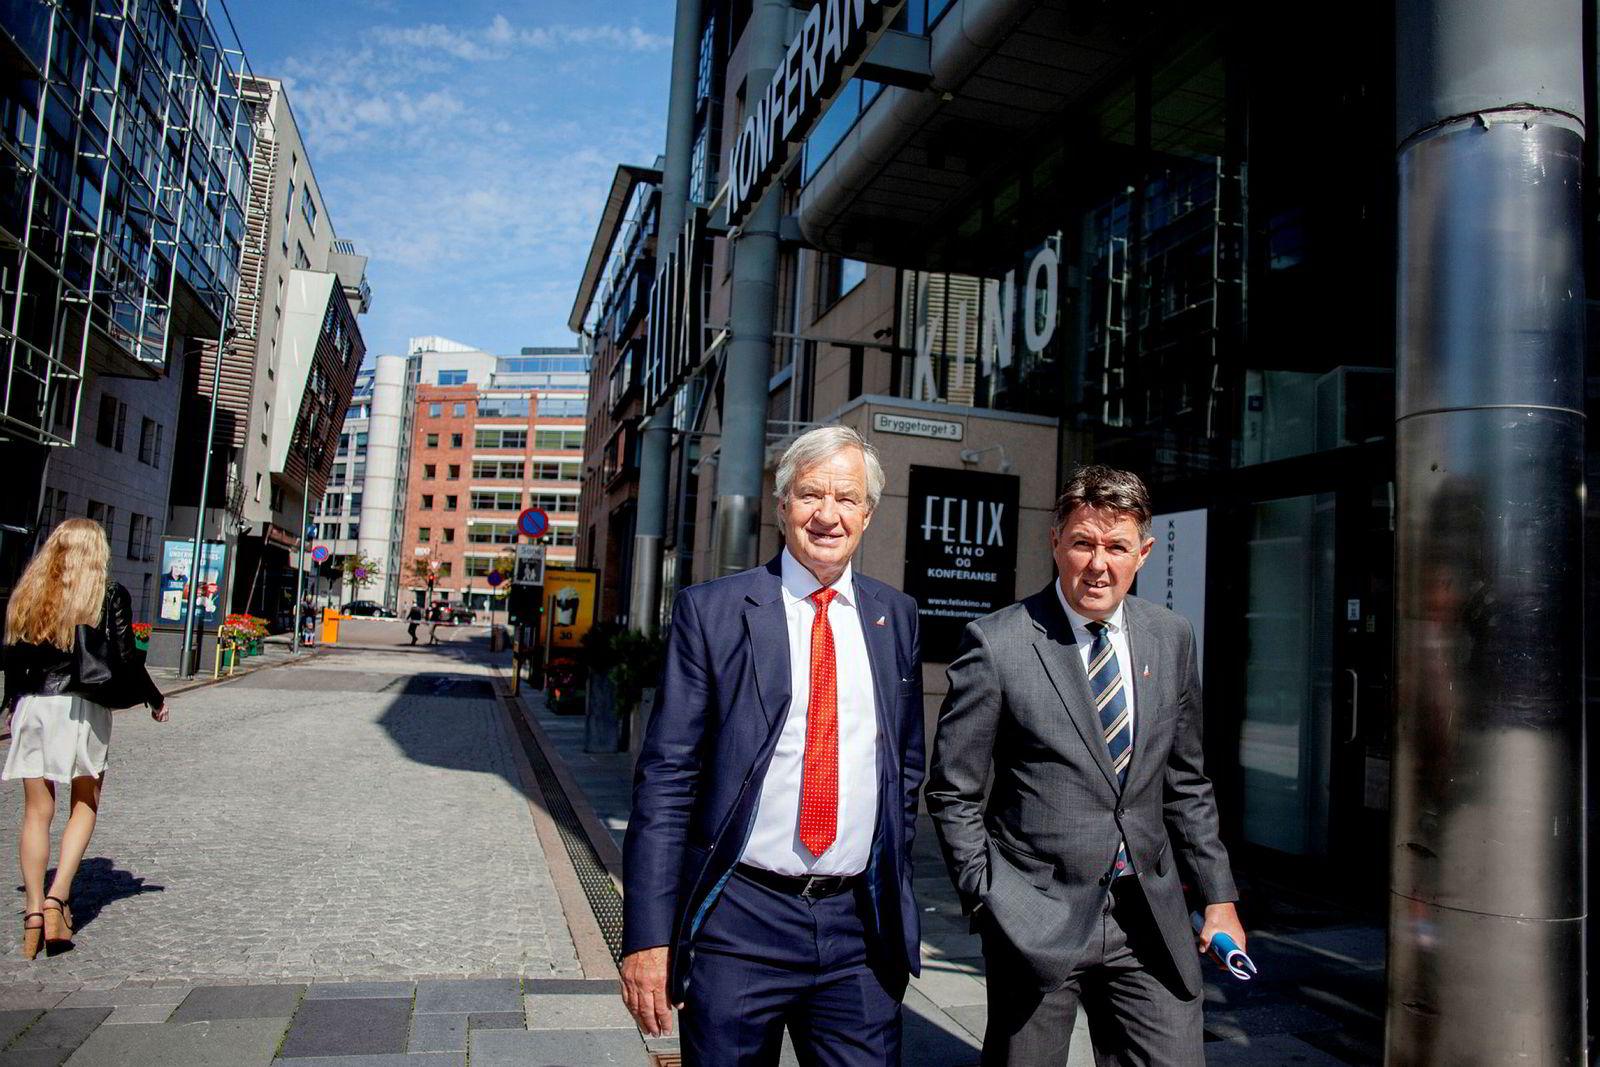 Fungernede konsernsjef Geir Karlsen (til høyre) og avgått toppsjef – nå spesialrådgiver – Bjørn Kjos etter en resultatpresentasjon på Aker brygge i Oslo i juli.